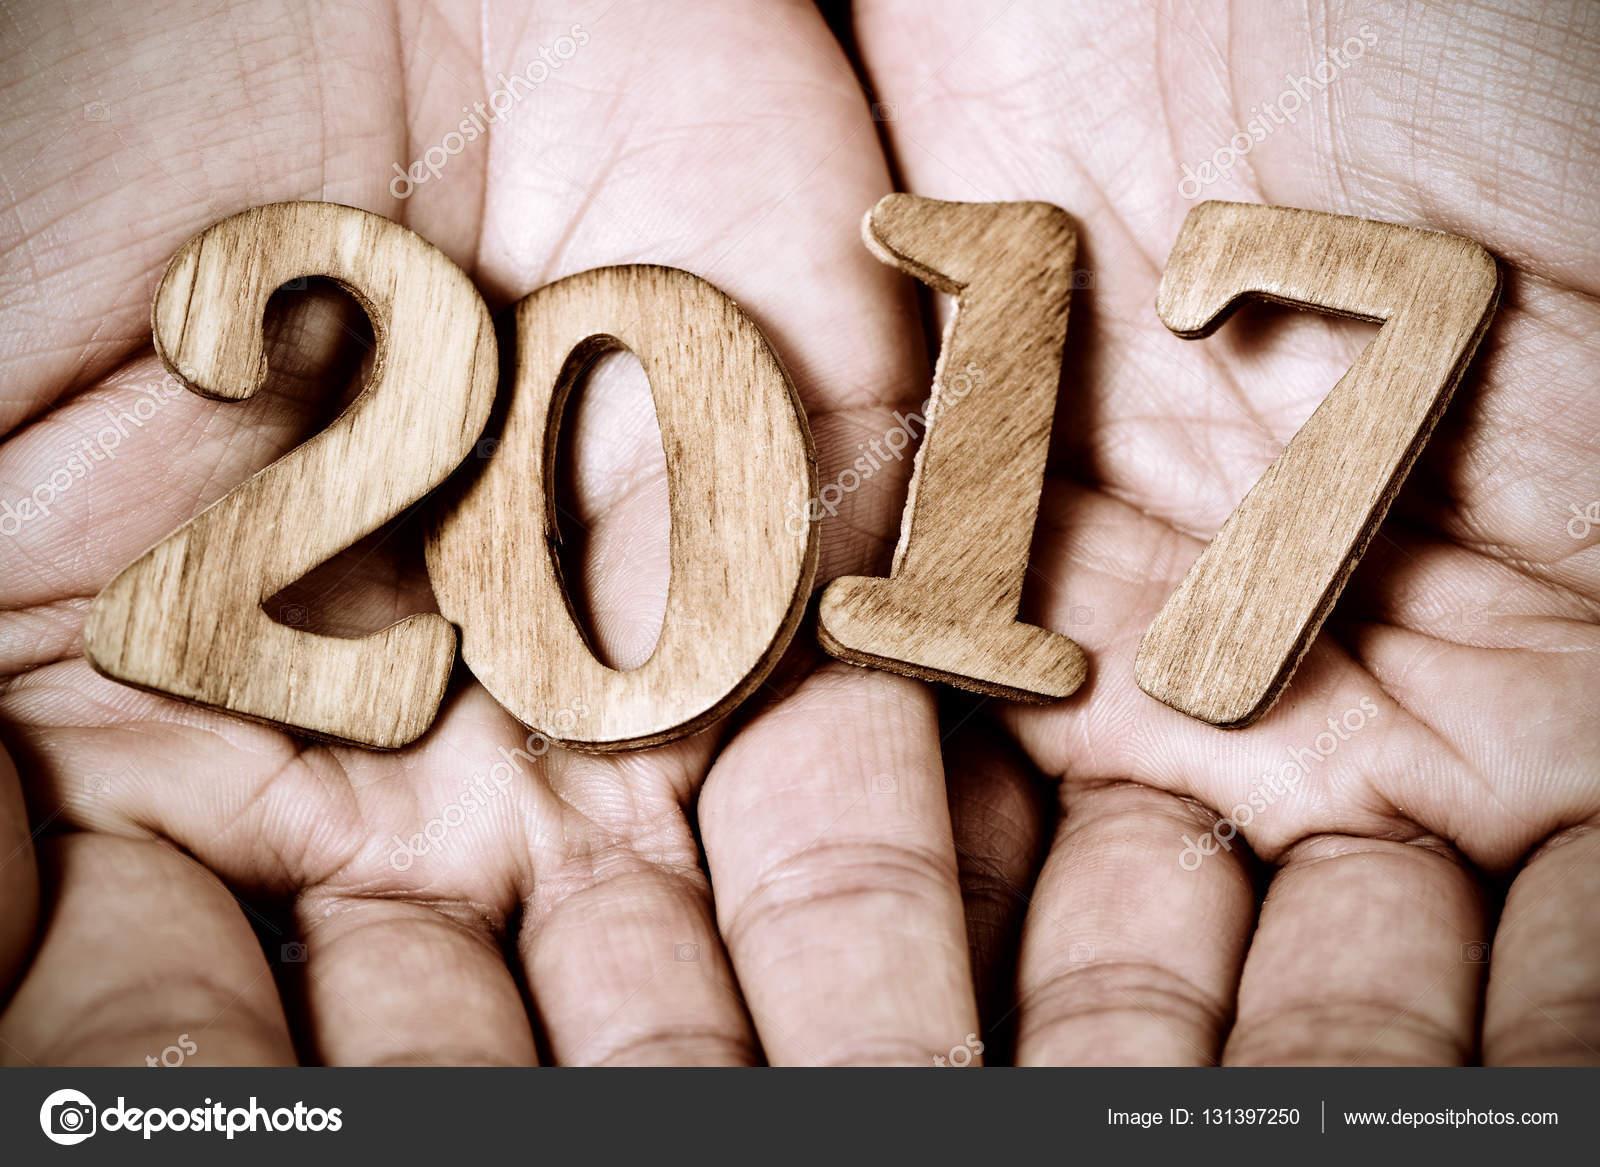 2017 comme le nouvel an entre les mains d un homme photographie nito103 131397250. Black Bedroom Furniture Sets. Home Design Ideas